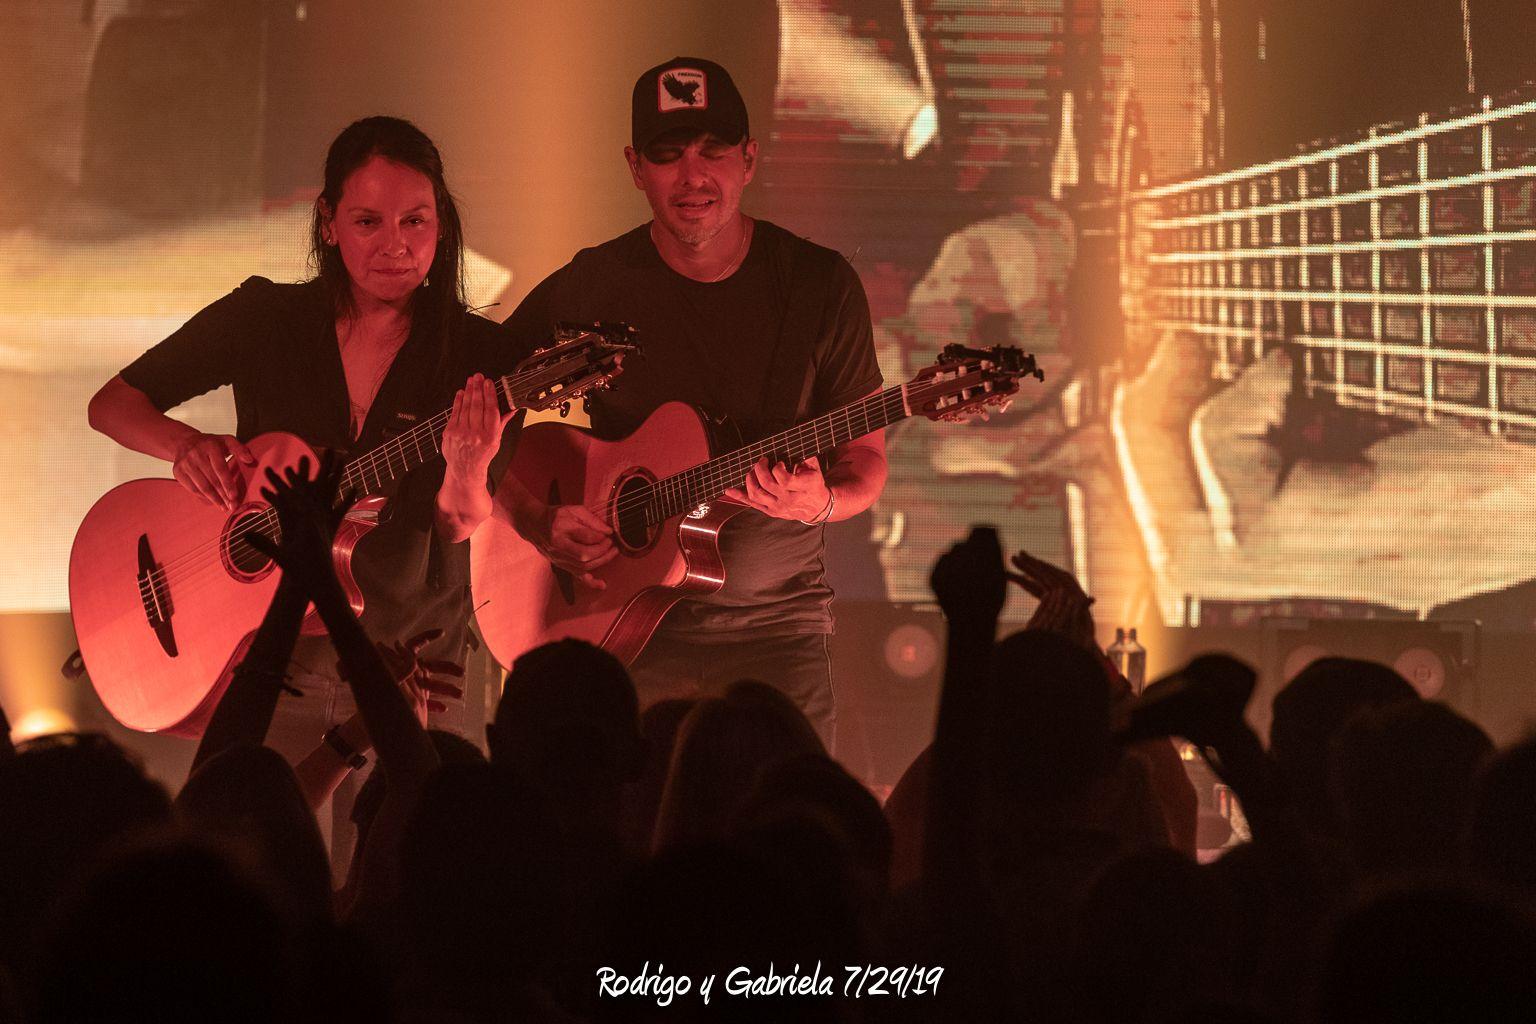 Rodrigo y Gabriela 7/29/19